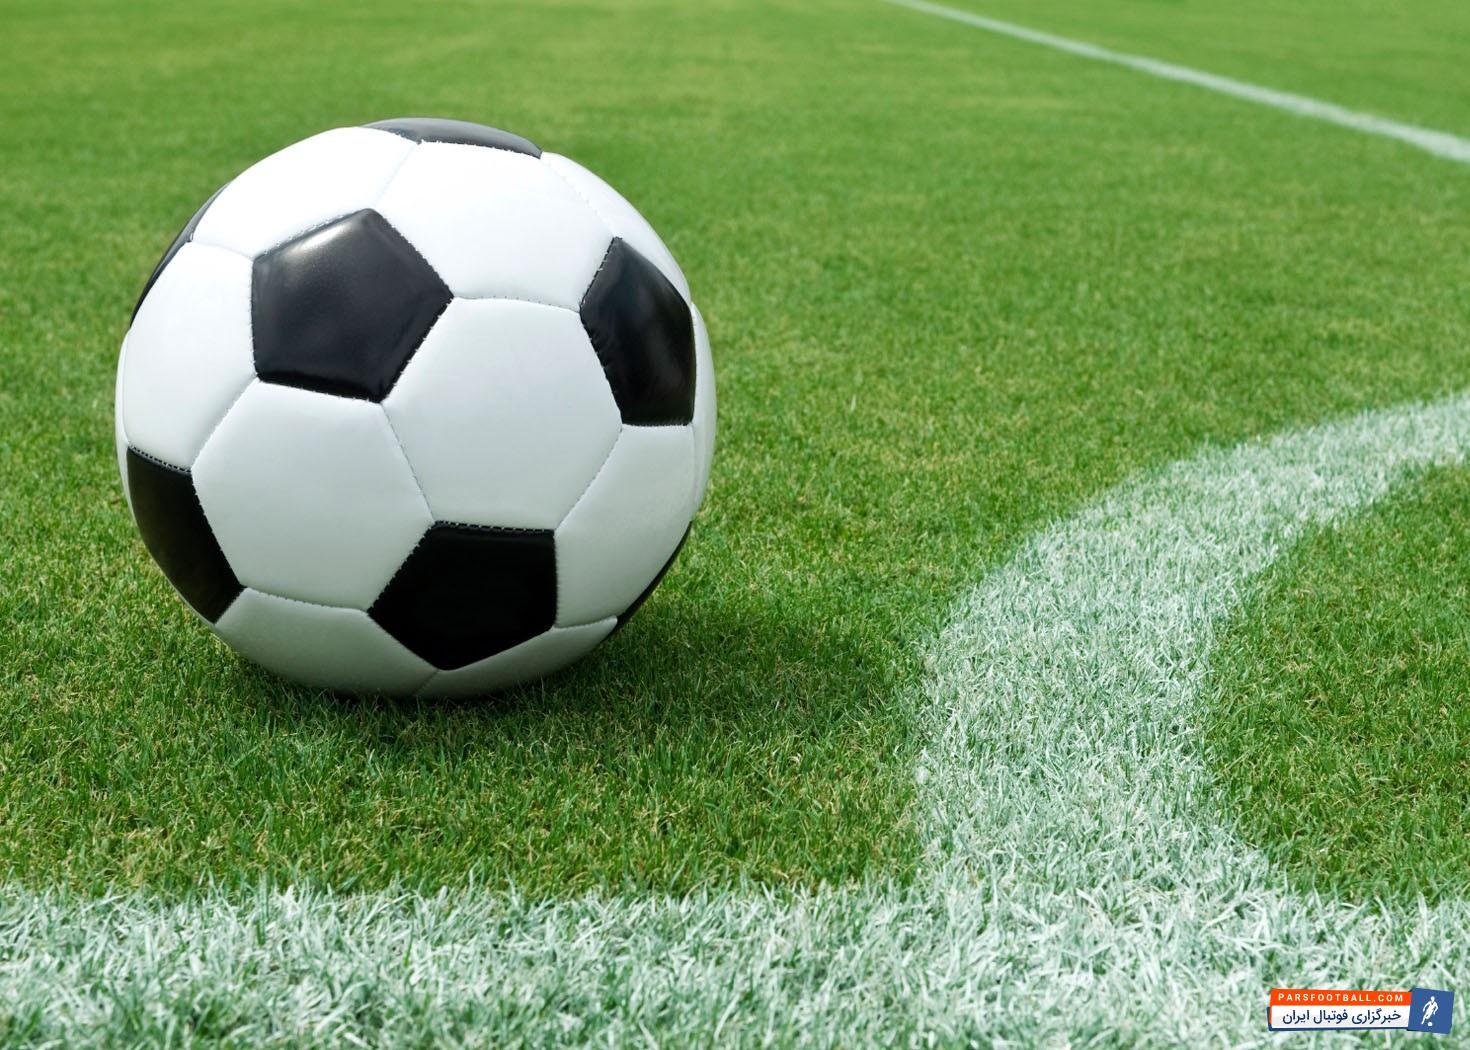 بهترین بازیکن شماره 4 فوتبال جهان که در تصویر مشاهده می کنید از نظر شما کدام یک است ؟